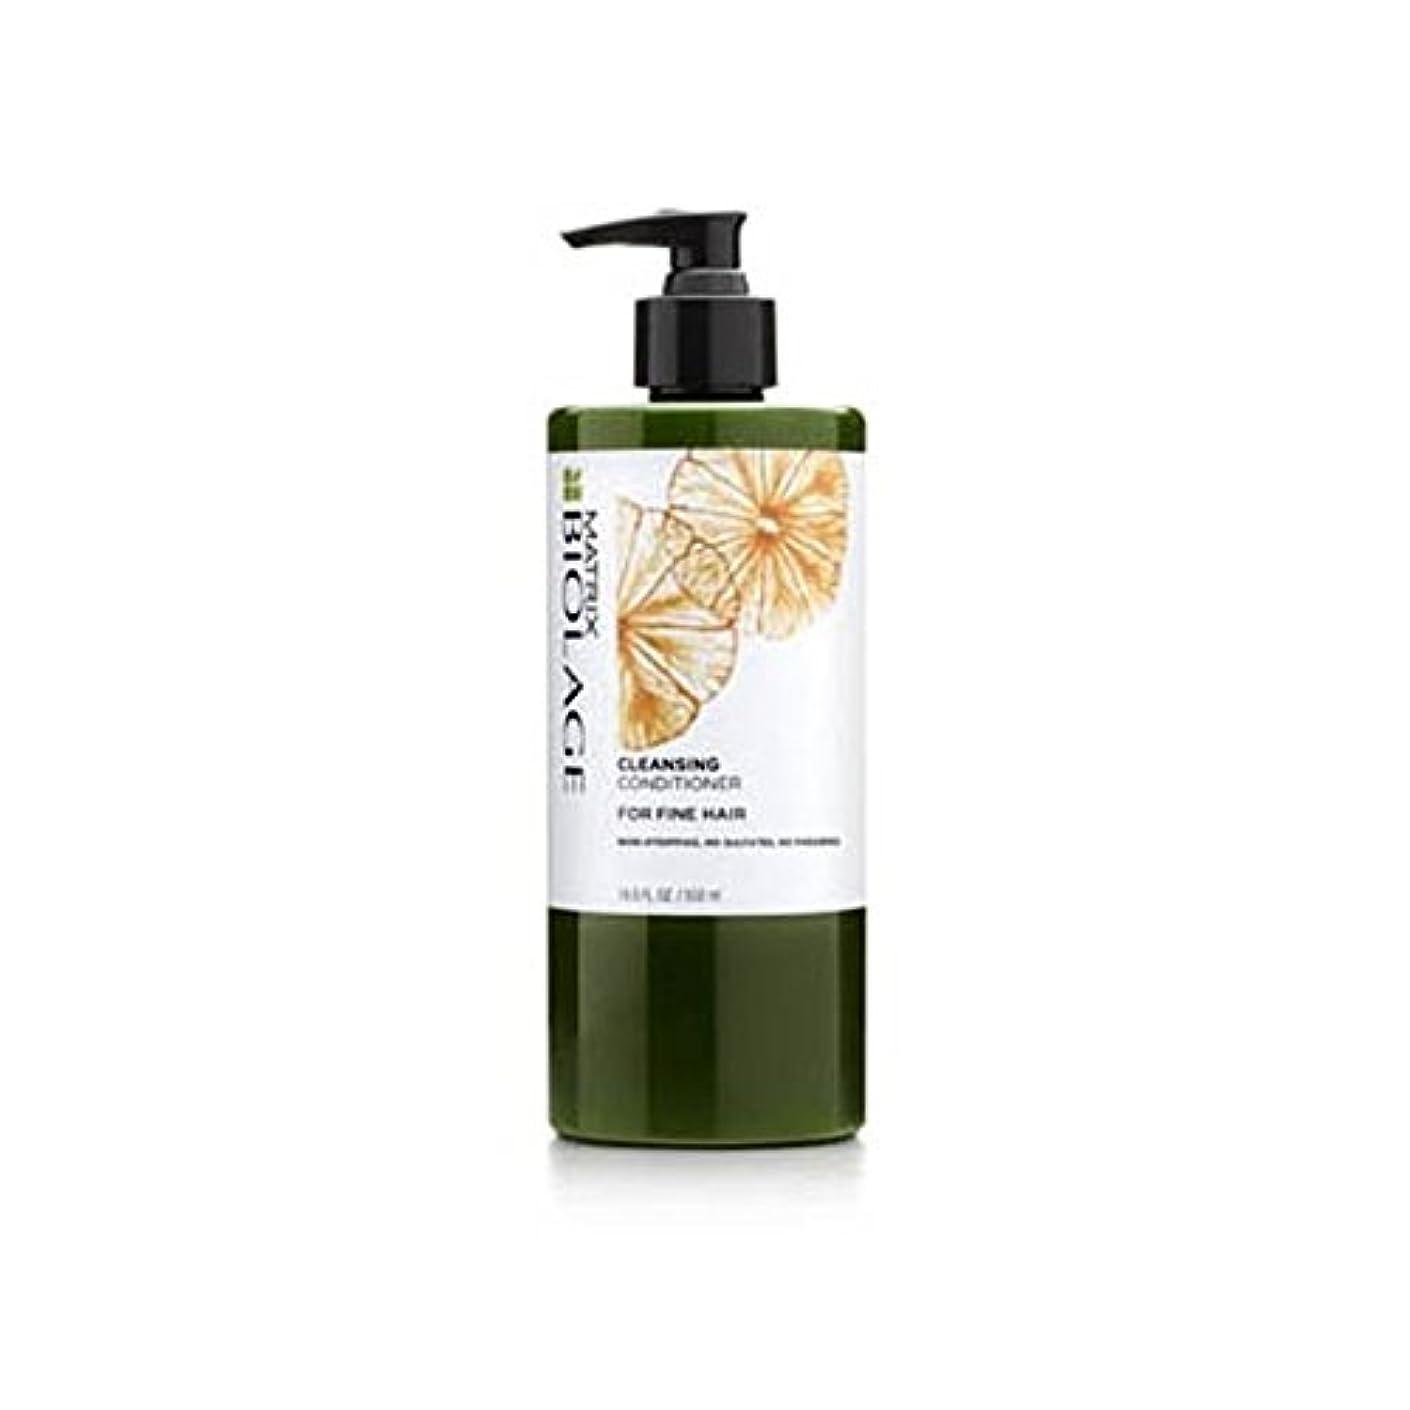 主人ぺディカブ割り当てるMatrix Biolage Cleansing Conditioner - Fine Hair (500ml) (Pack of 6) - マトリックスバイオレイジクレンジングコンディショナー - 細い髪(500ミリリットル...